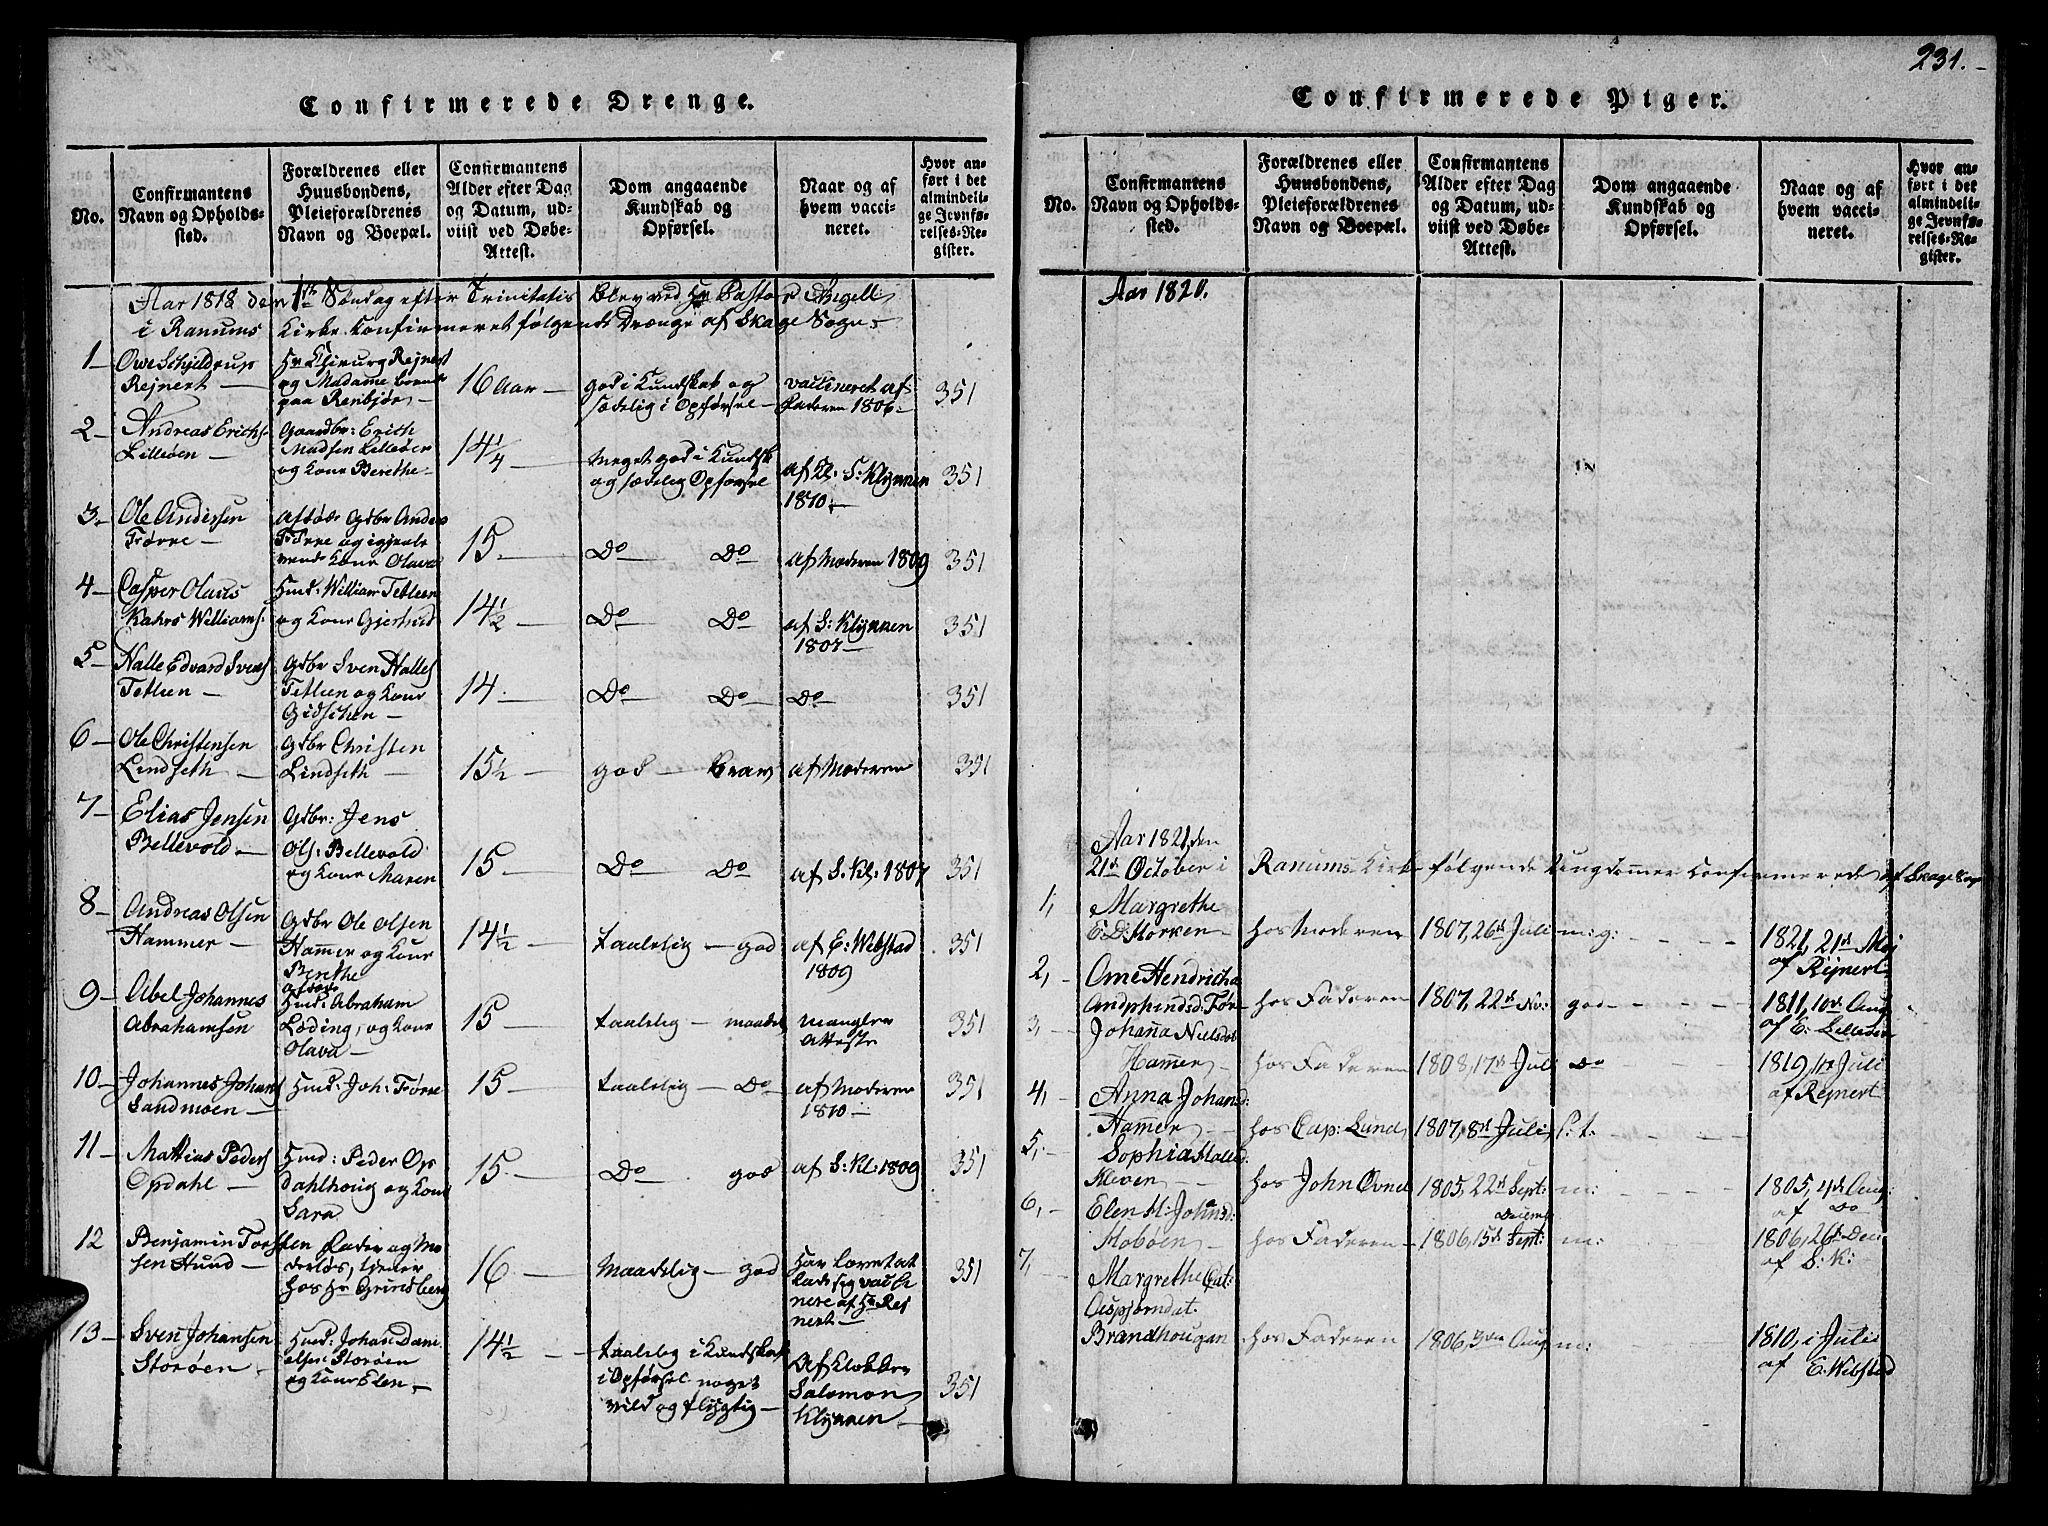 SAT, Ministerialprotokoller, klokkerbøker og fødselsregistre - Nord-Trøndelag, 766/L0565: Klokkerbok nr. 767C01, 1817-1823, s. 231